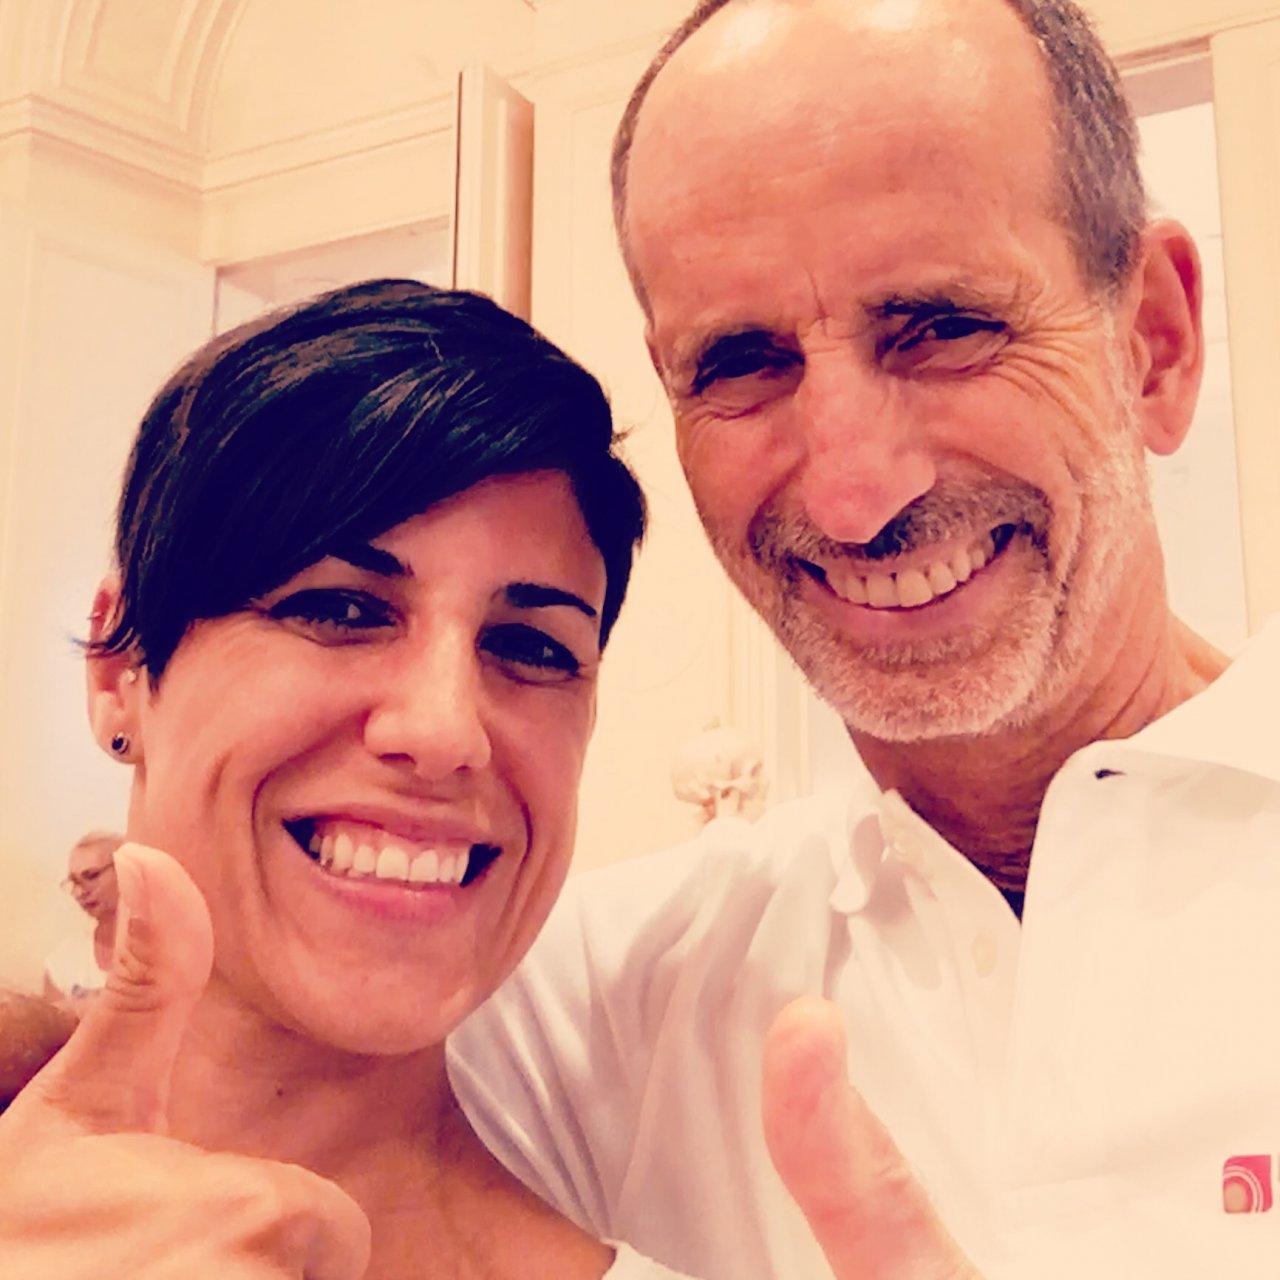 Auf dem Foto ist Sandra Krebs neben Roland Liebscher-Bracht zu sehen. Beide halten einen Daumen nach oben in die Kamera. Sandra Krebs hat kurze braune Haare.